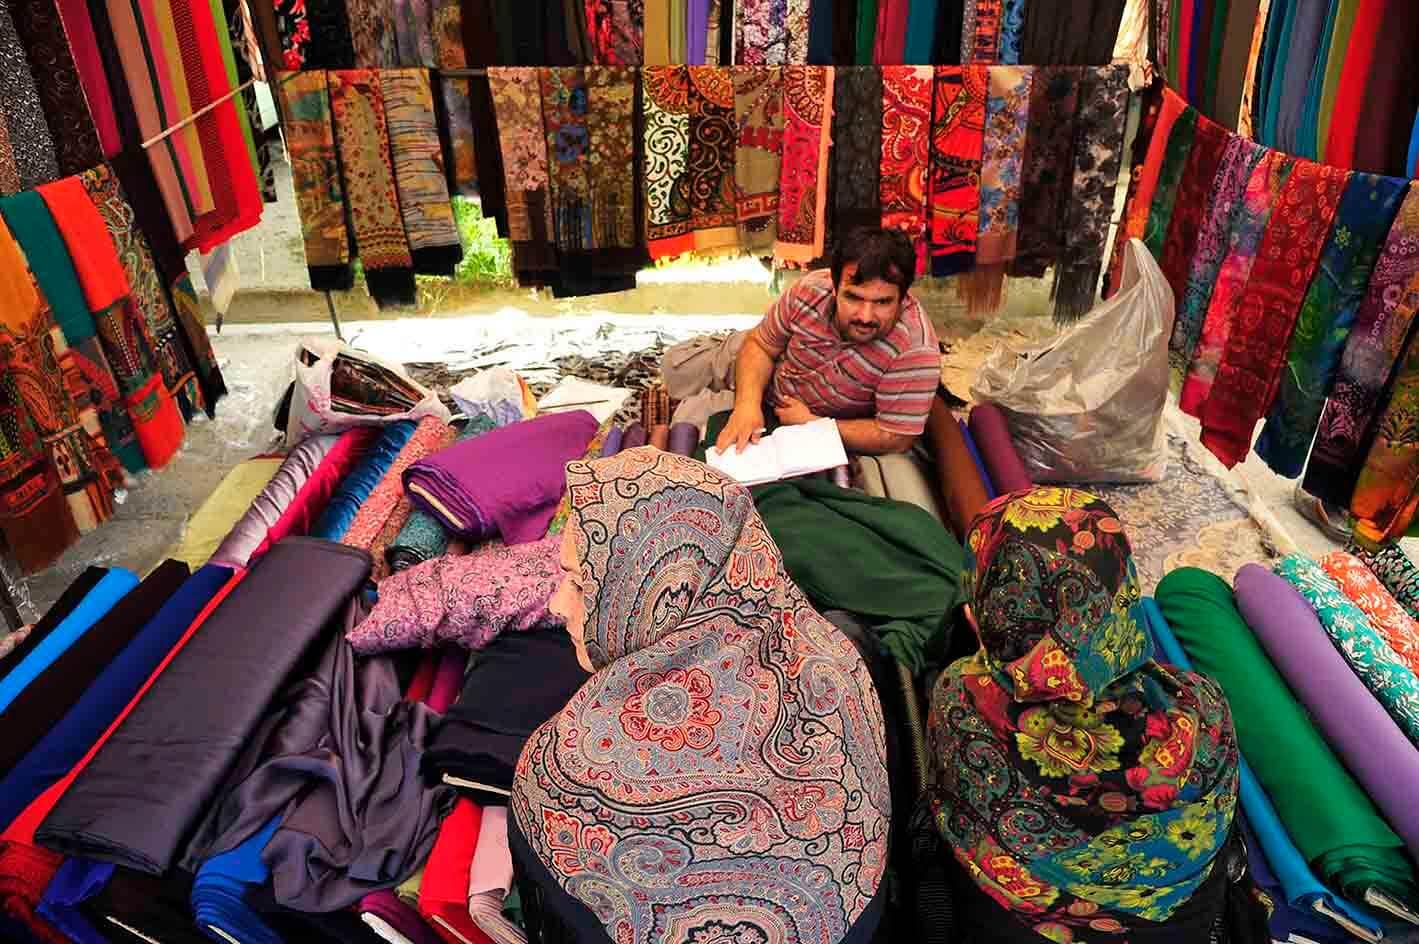 ۱۰ تا از ارزانترین بازارهای مرزی ایران را بشناسید